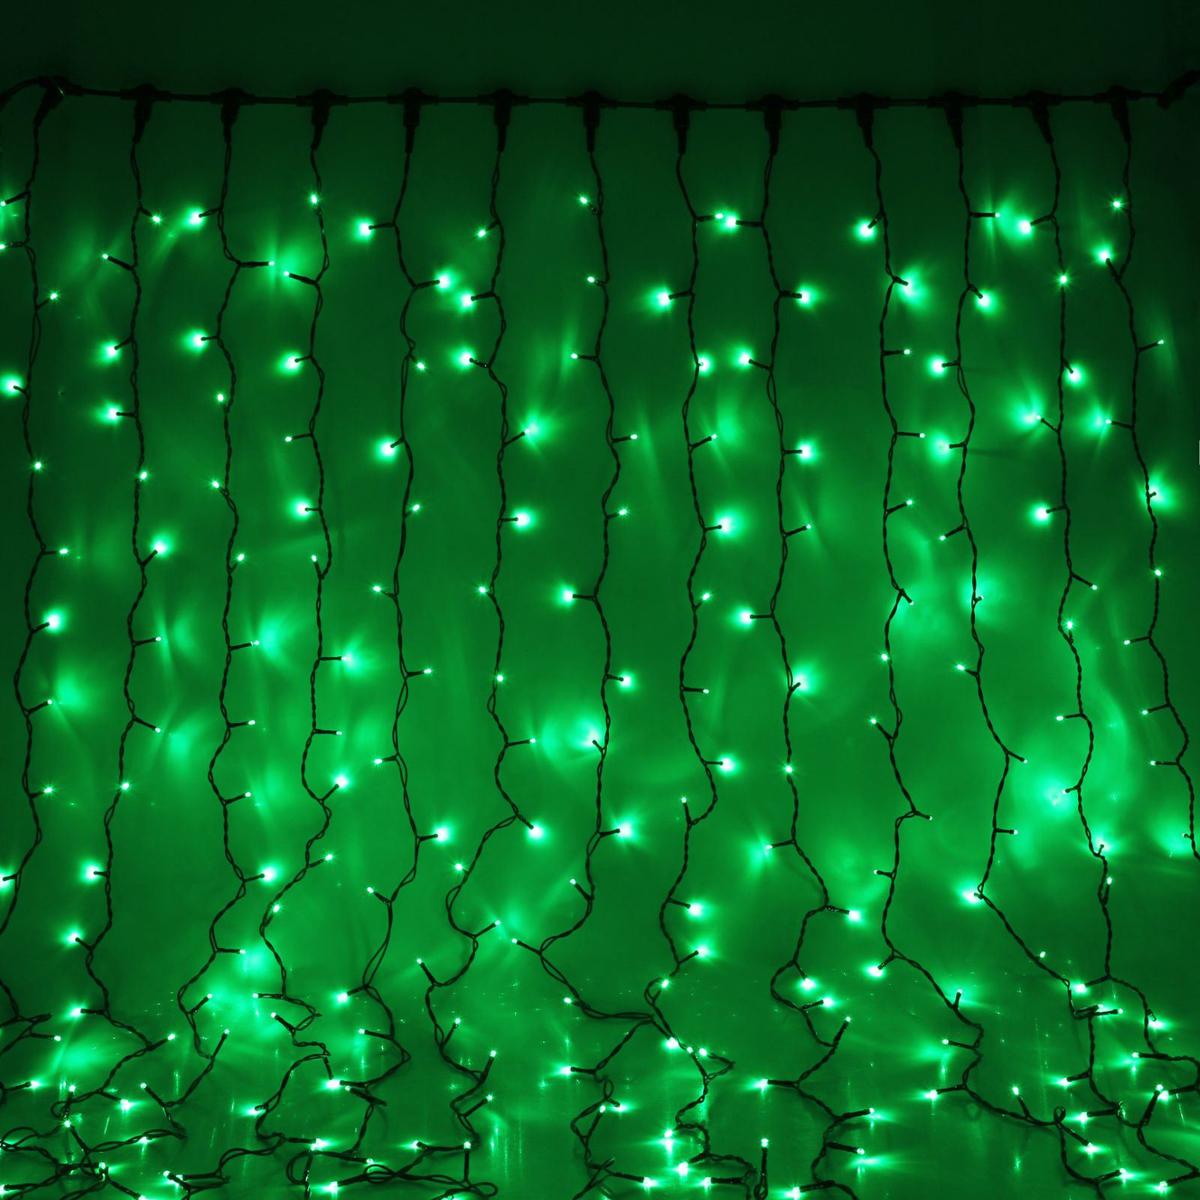 Гирлянда светодиодная Luazon Занавес, цвет: зеленый, уличная, 760 ламп, 220 V, 2 х 3 м. 10802461080246Гирлянда светодиодная Luazon Занавес - это отличный вариант для новогоднего оформления интерьера или фасада. С ее помощью помещение любого размера можно превратить в праздничный зал, а внешние элементы зданий, украшенные гирляндой, мгновенно станут напоминать очертания сказочного дворца. Такое украшение создаст ауру предвкушения чуда. Деревья, фасады, витрины, окна и арки будто специально созданы, чтобы вы украсили их светящимися нитями.